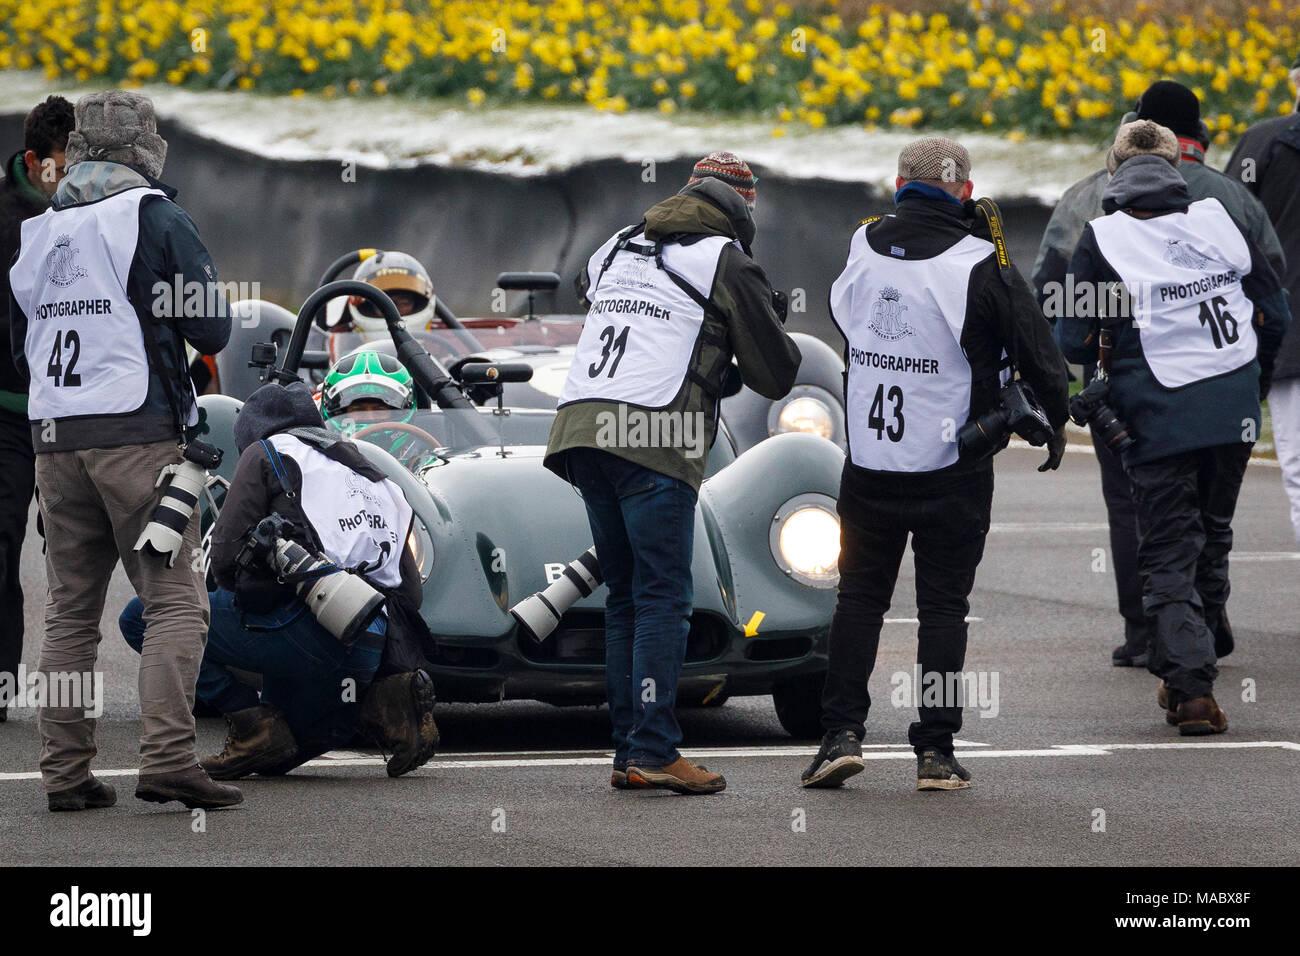 Drücken Sie und Fotografen versammeln sich auf die Startaufstellung für die salvadori Cup Rennen am Goodwood 76th Mitgliederversammlung, Sussex, UK. Stockbild